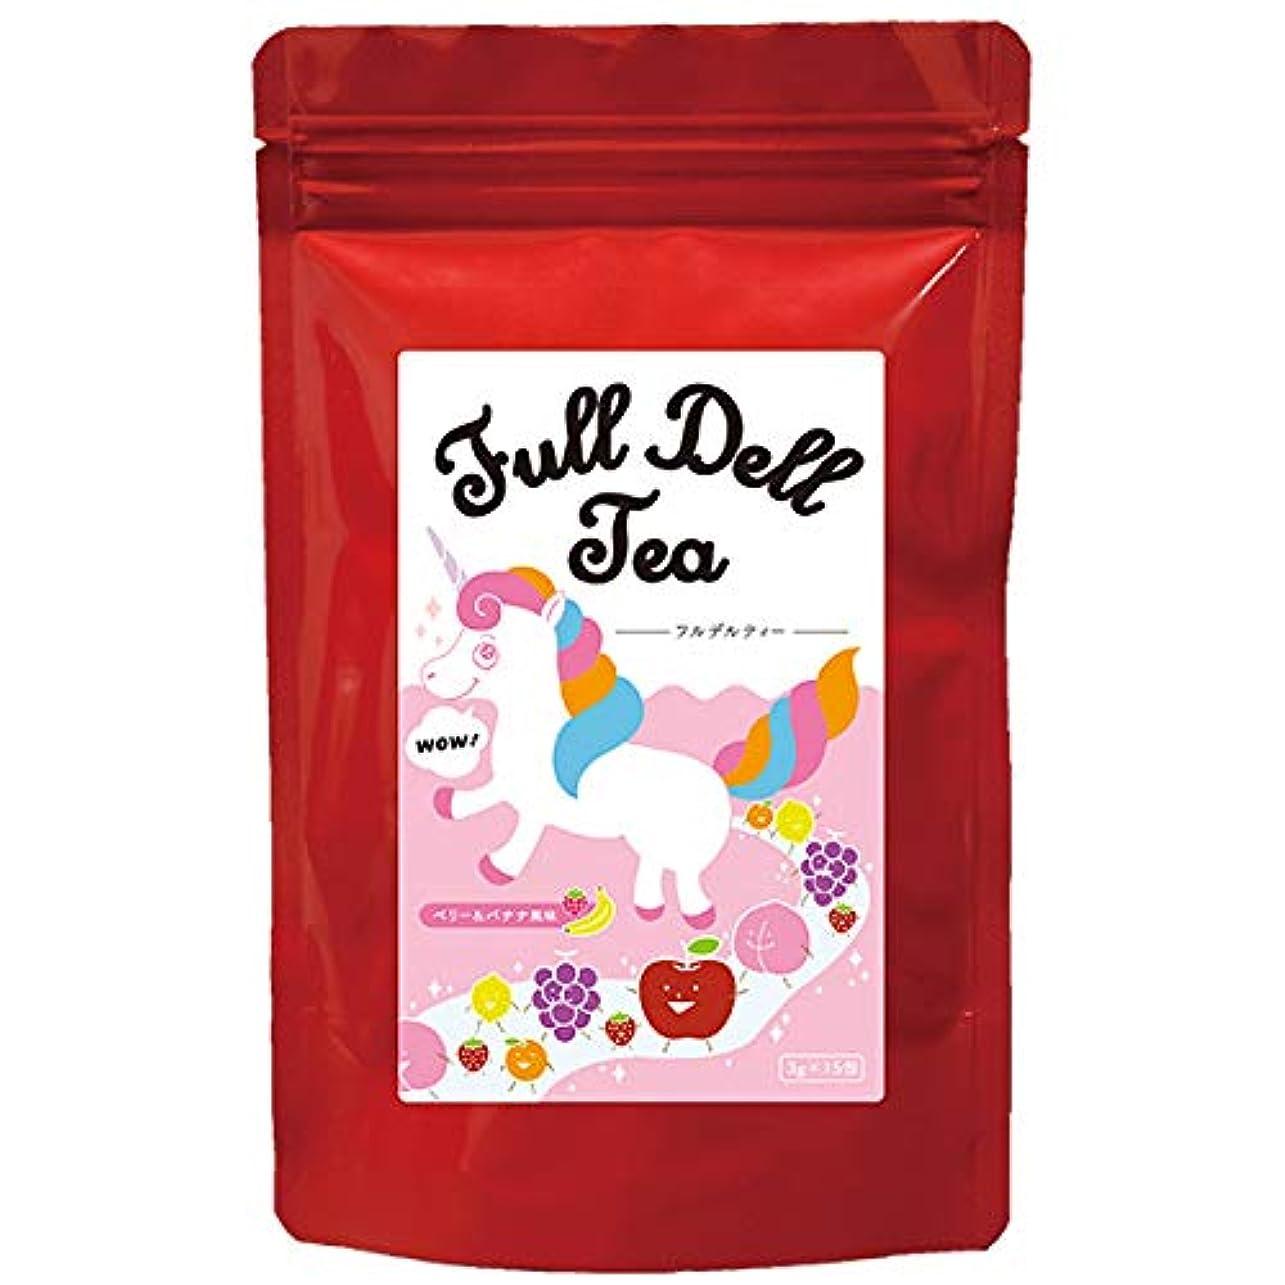 陽気な証拠埋め込む美容健康茶 フルデルティー 1袋3.0g×15包入 ダイエット サポートティー 紅茶 デトックス サロン